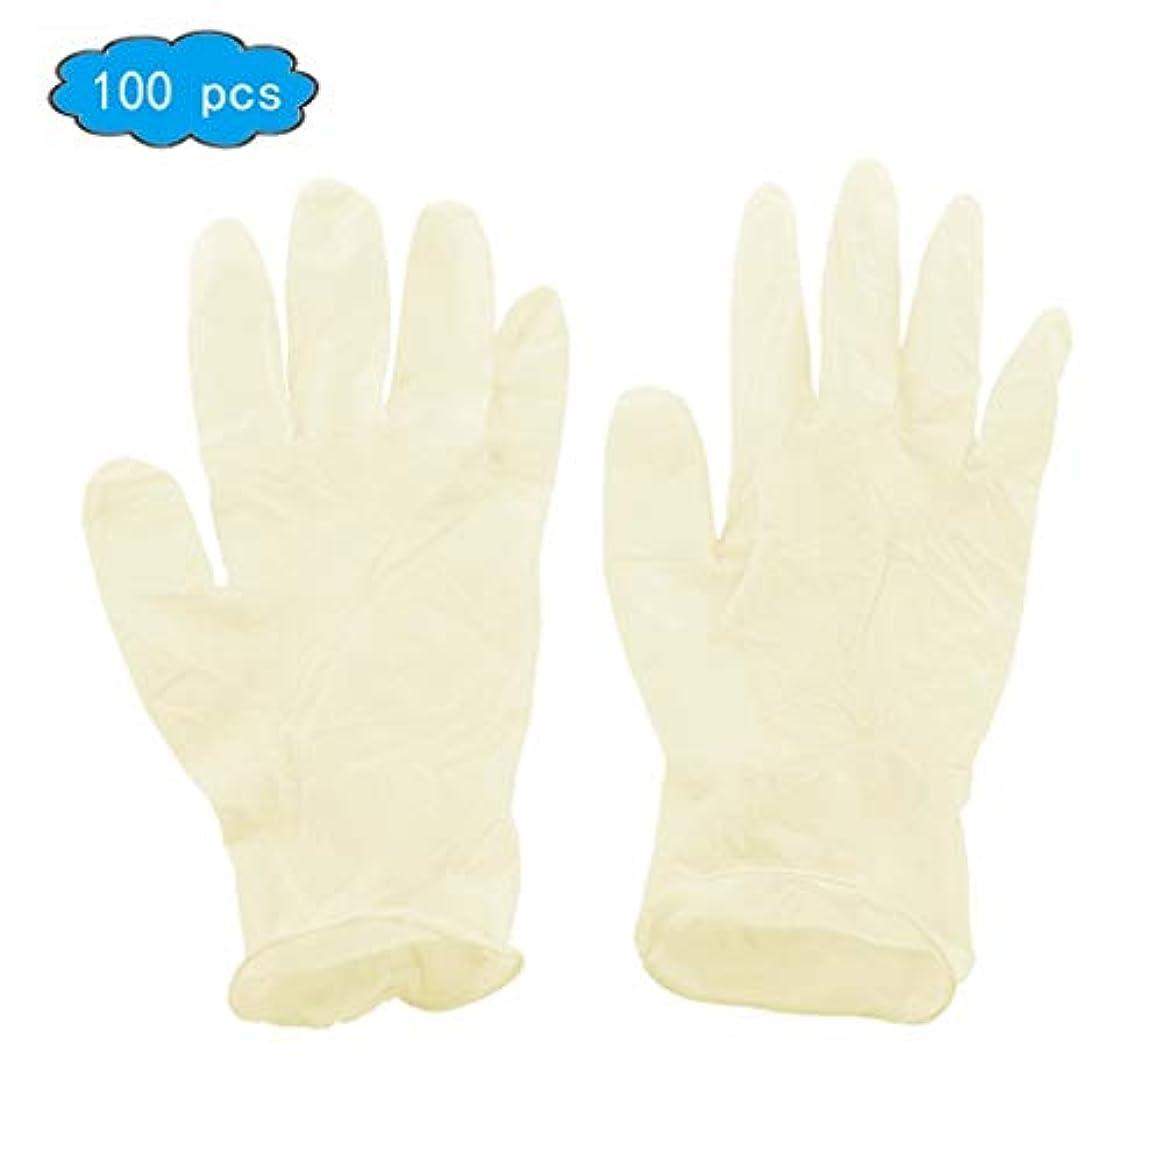 摂氏度前海軍使い捨て手袋 - 医療用、パウダーフリー、ラテックスゴム、使い捨て、非滅菌、食品安全、テクスチャード加工、(便利なディスペンサーパック100)、中サイズ、応急処置用品 (Color : Beige, Size : M)